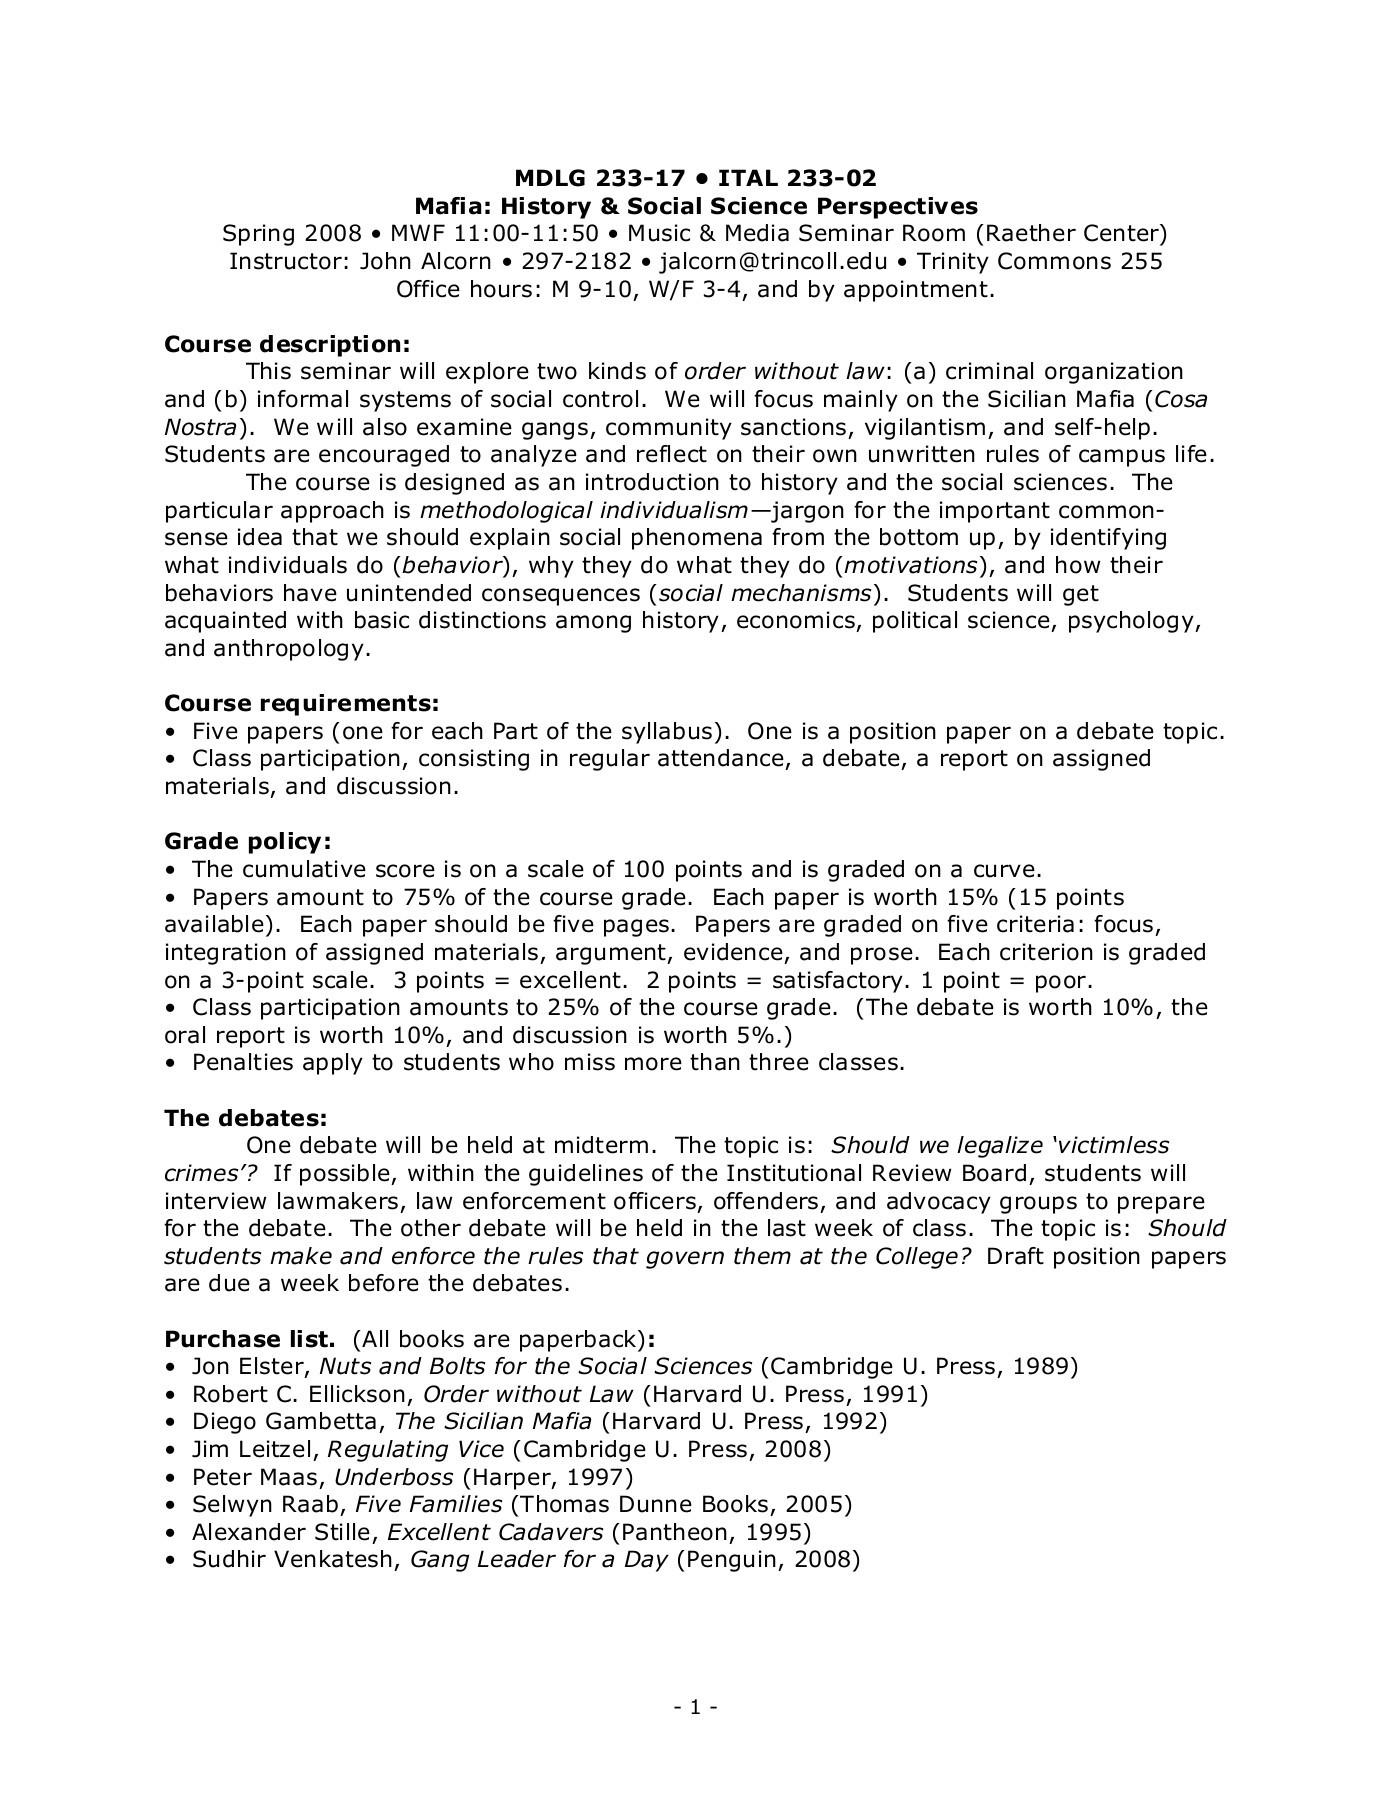 Debate Topics For Grade 3 Debate Worksheets 02 06